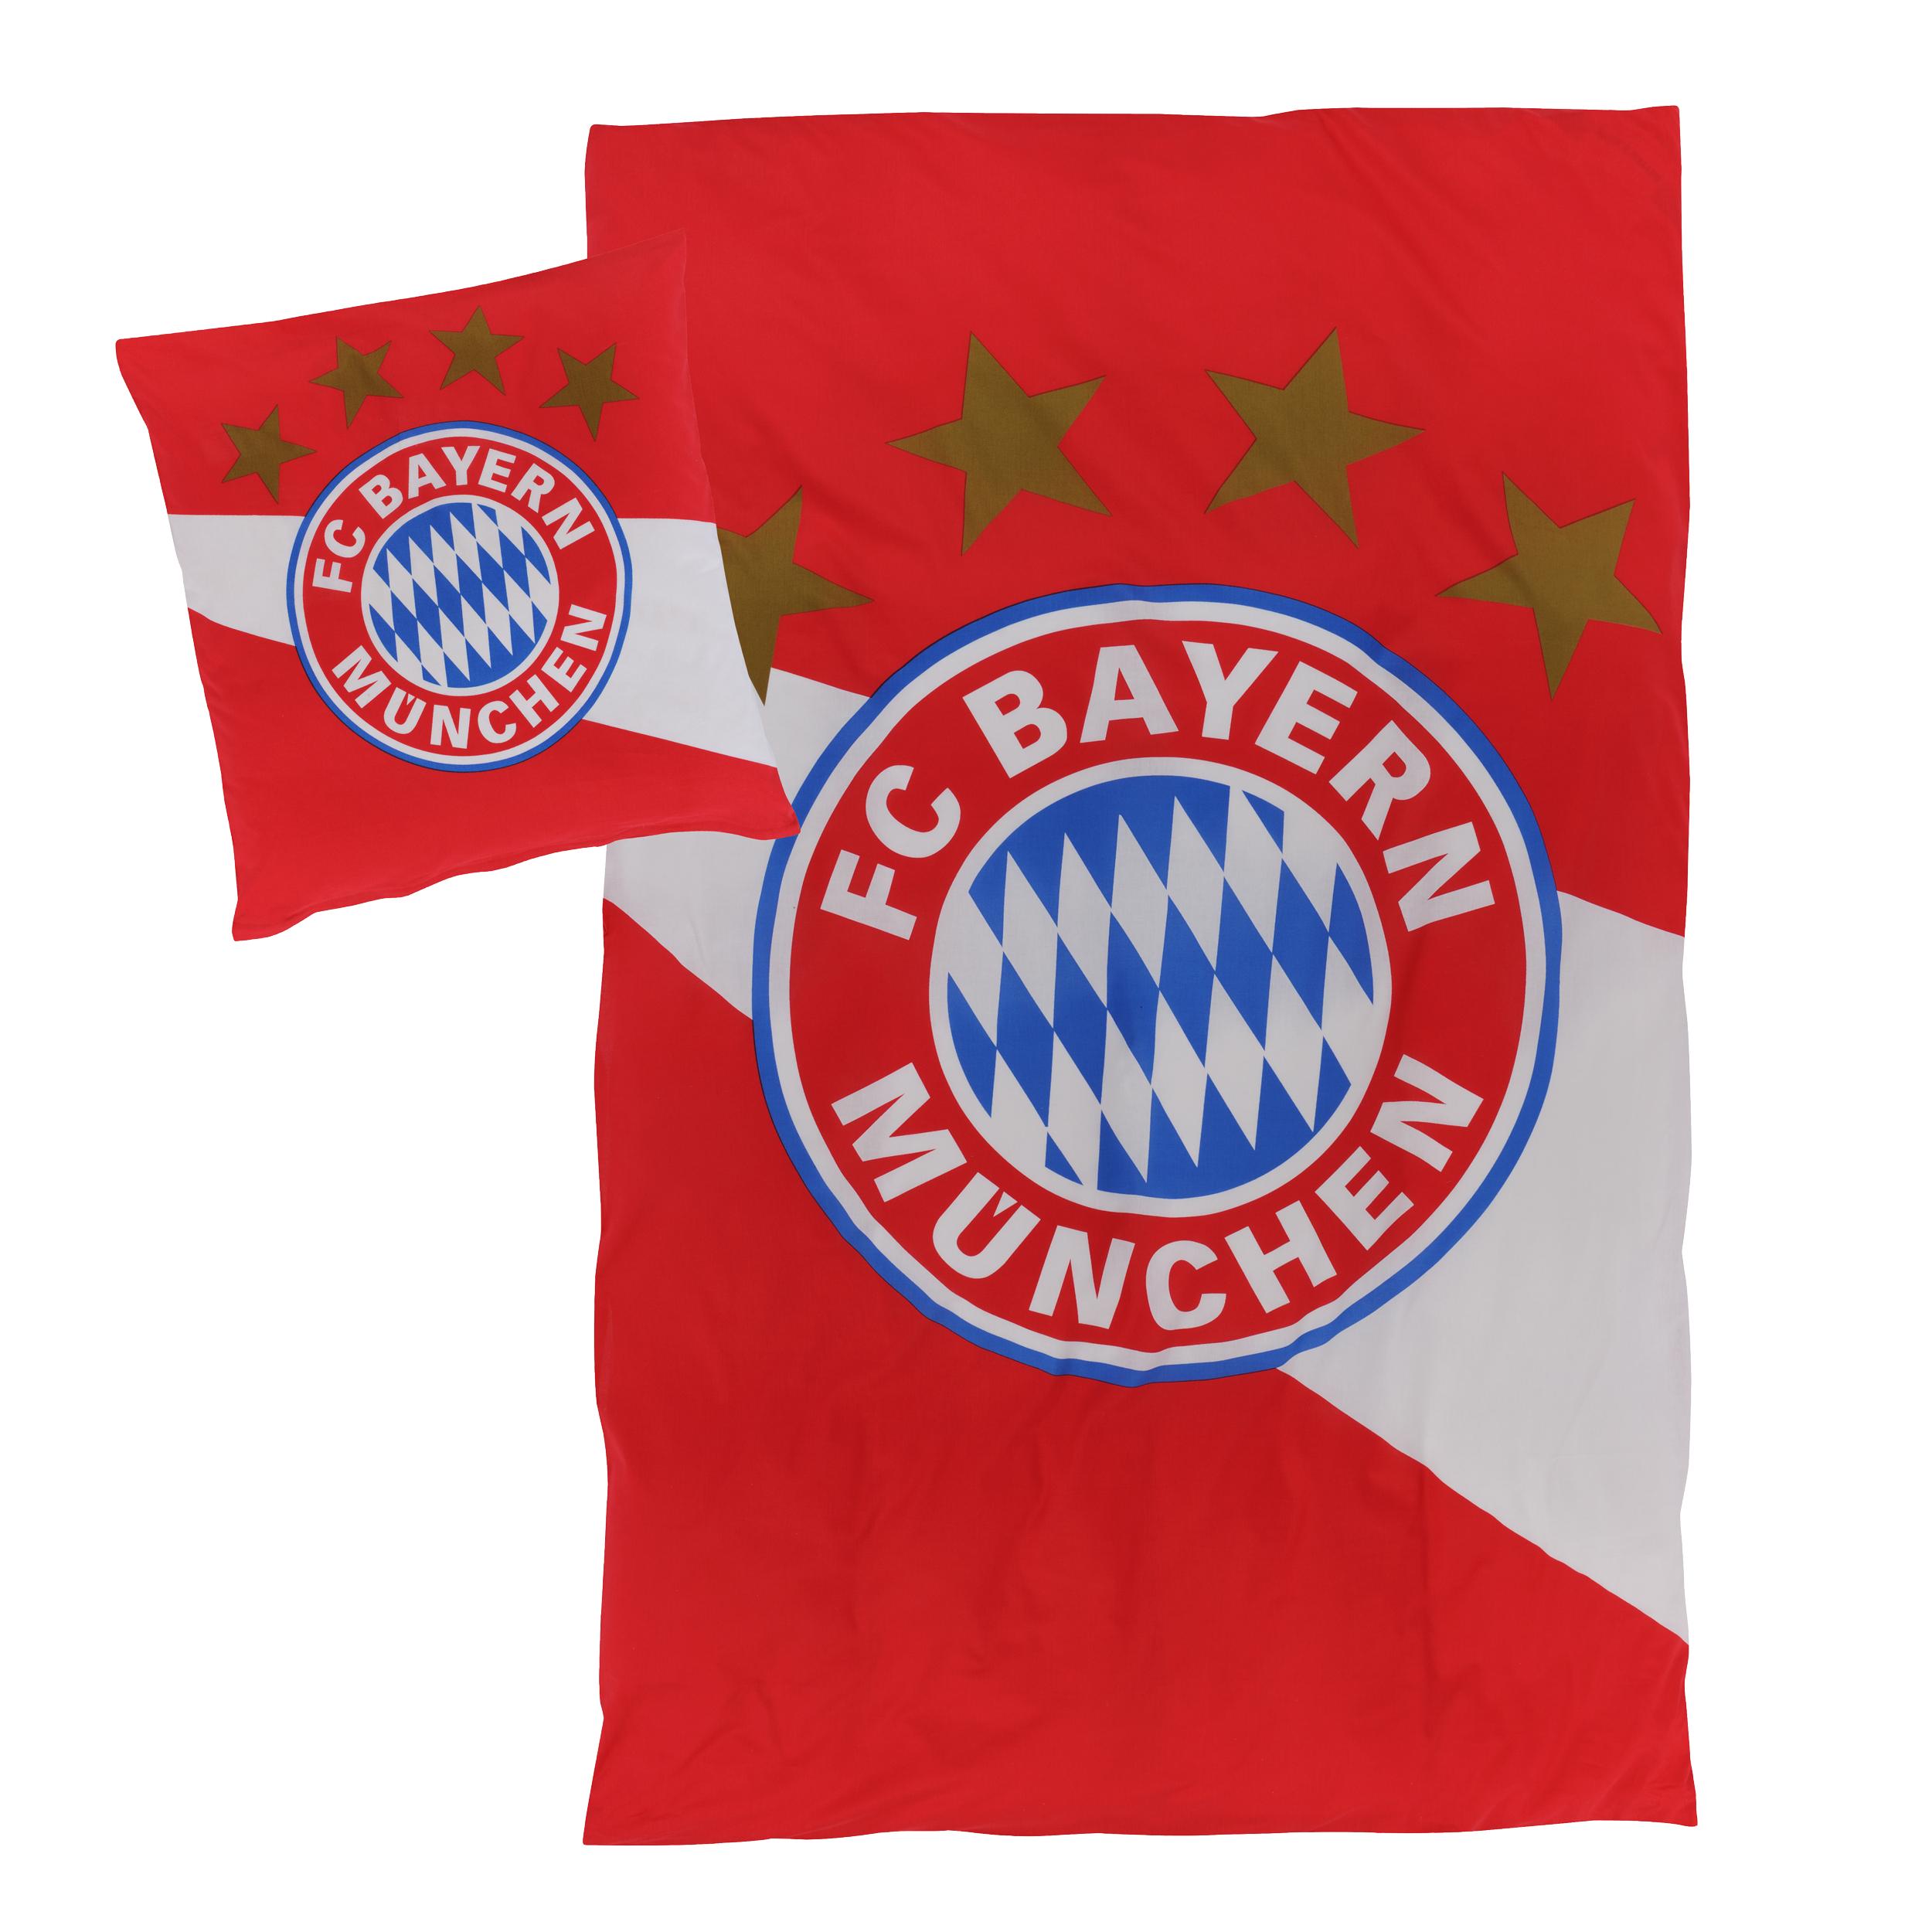 Super Bayern Deals im FCB Fan-Shop, Rabatte bis -50%, z.B. Bettwäsche für 22,47€ statt 44,95€